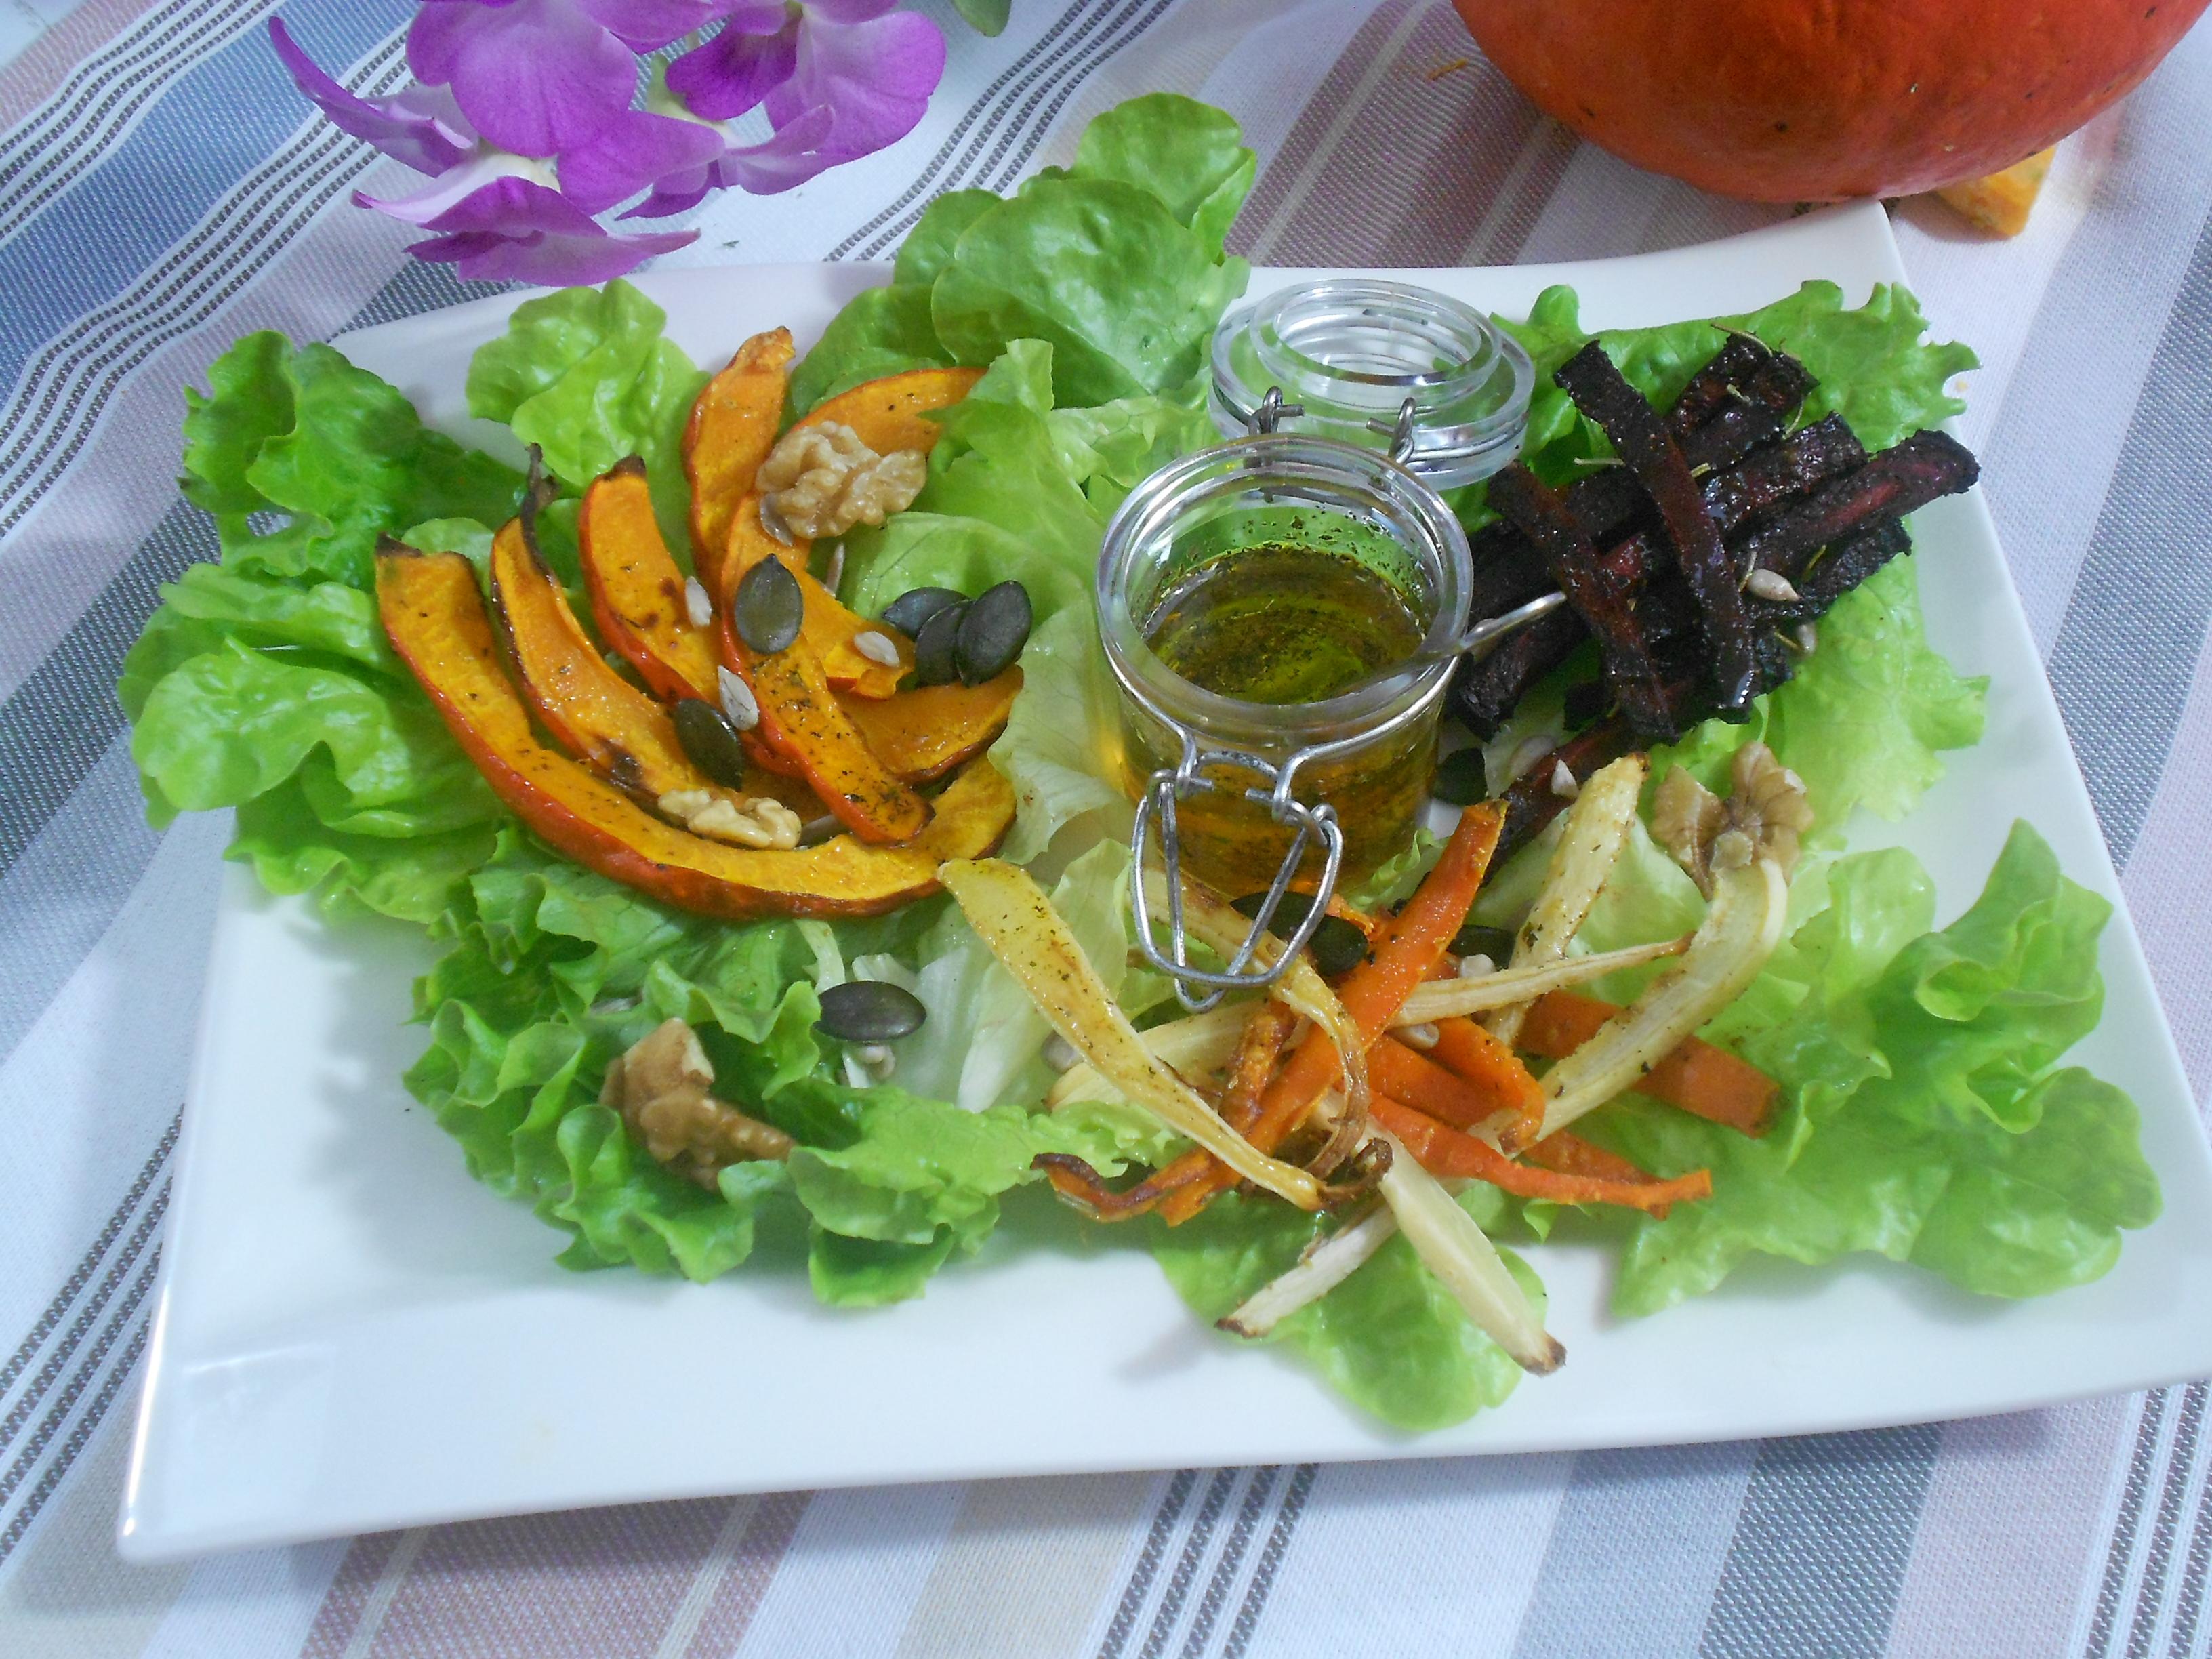 des légumes recette anti inflammatoire